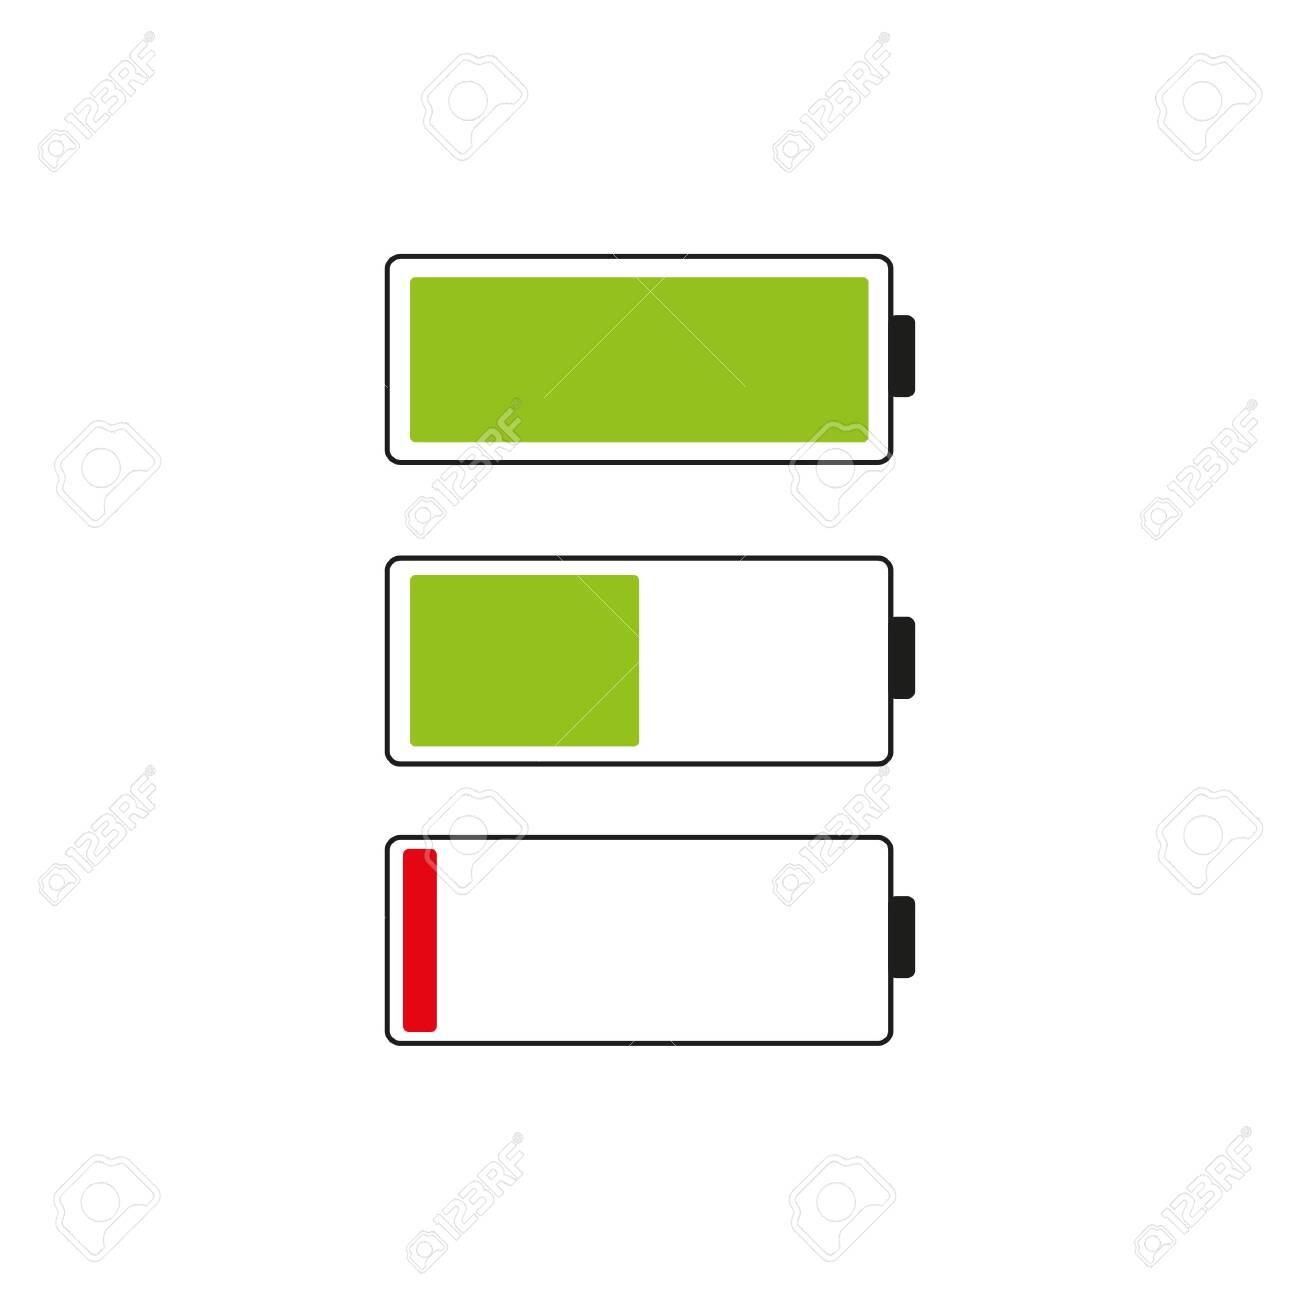 Battery indicator icon. Isolated isolated on white background. - 140456284